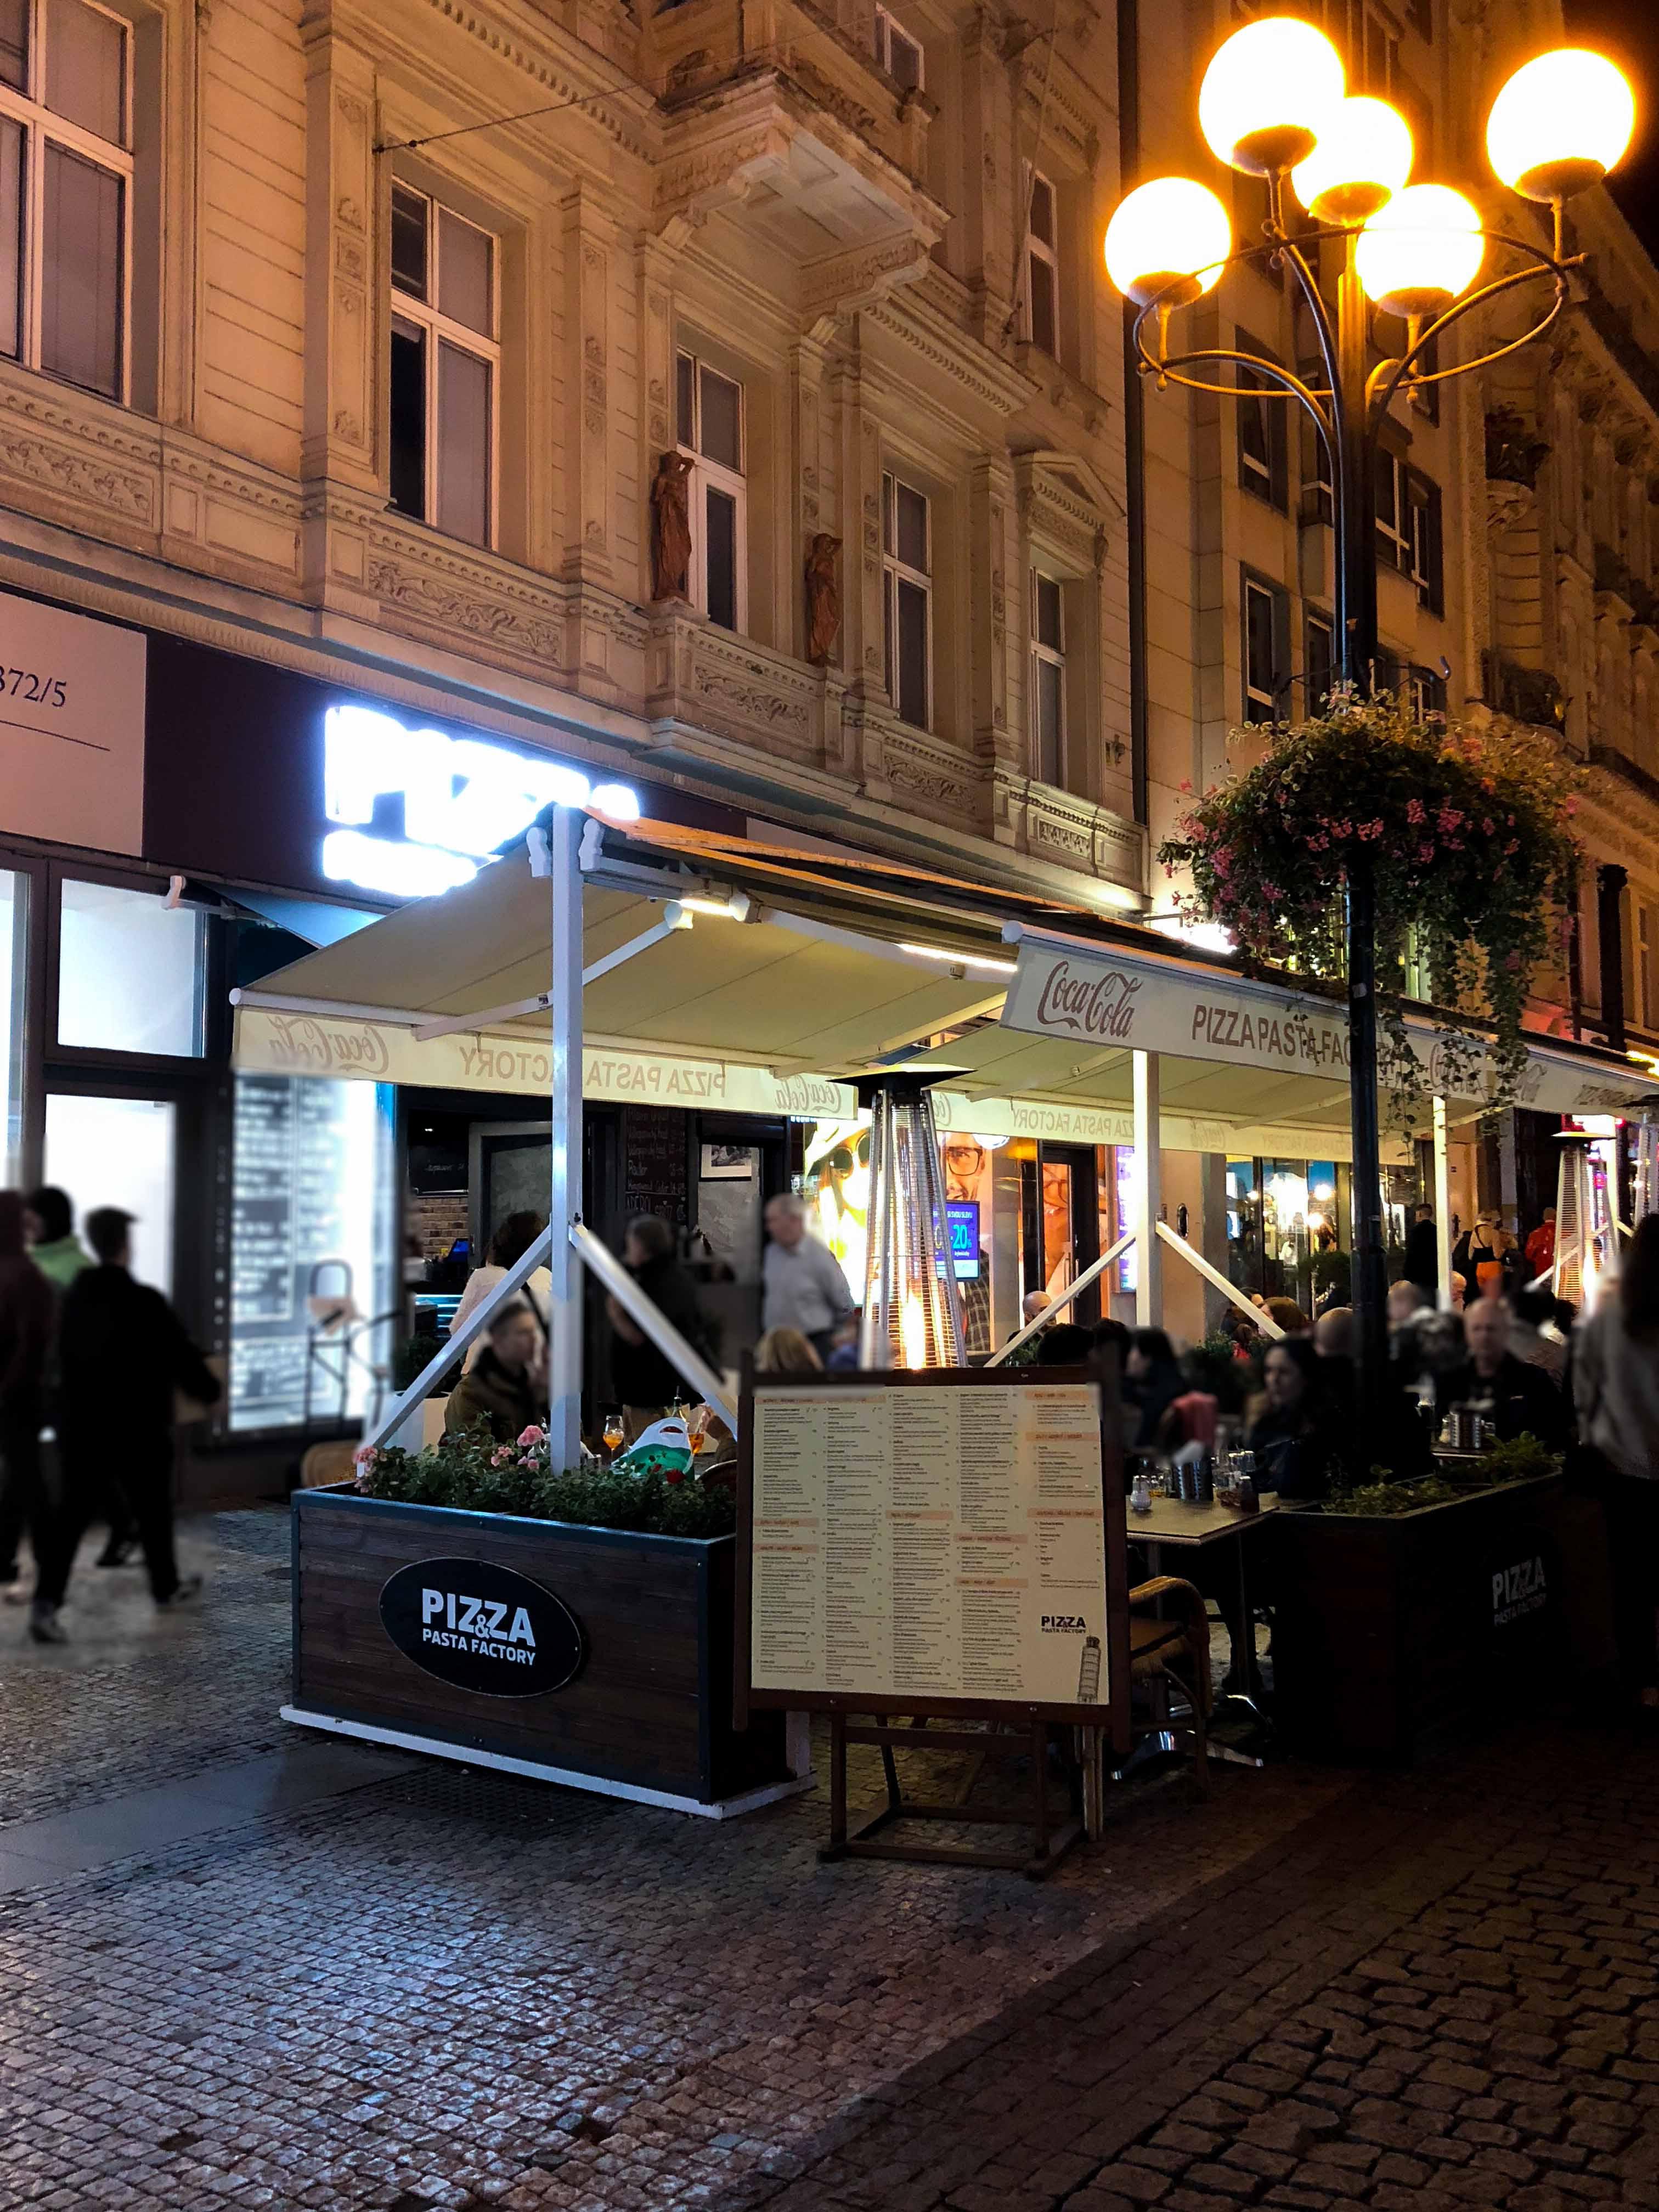 Pizza Pasta Factory italienisch Essen Restaurant Italiener Insider Tipps Prag Food Tipps besten Restaurants Reiseblog